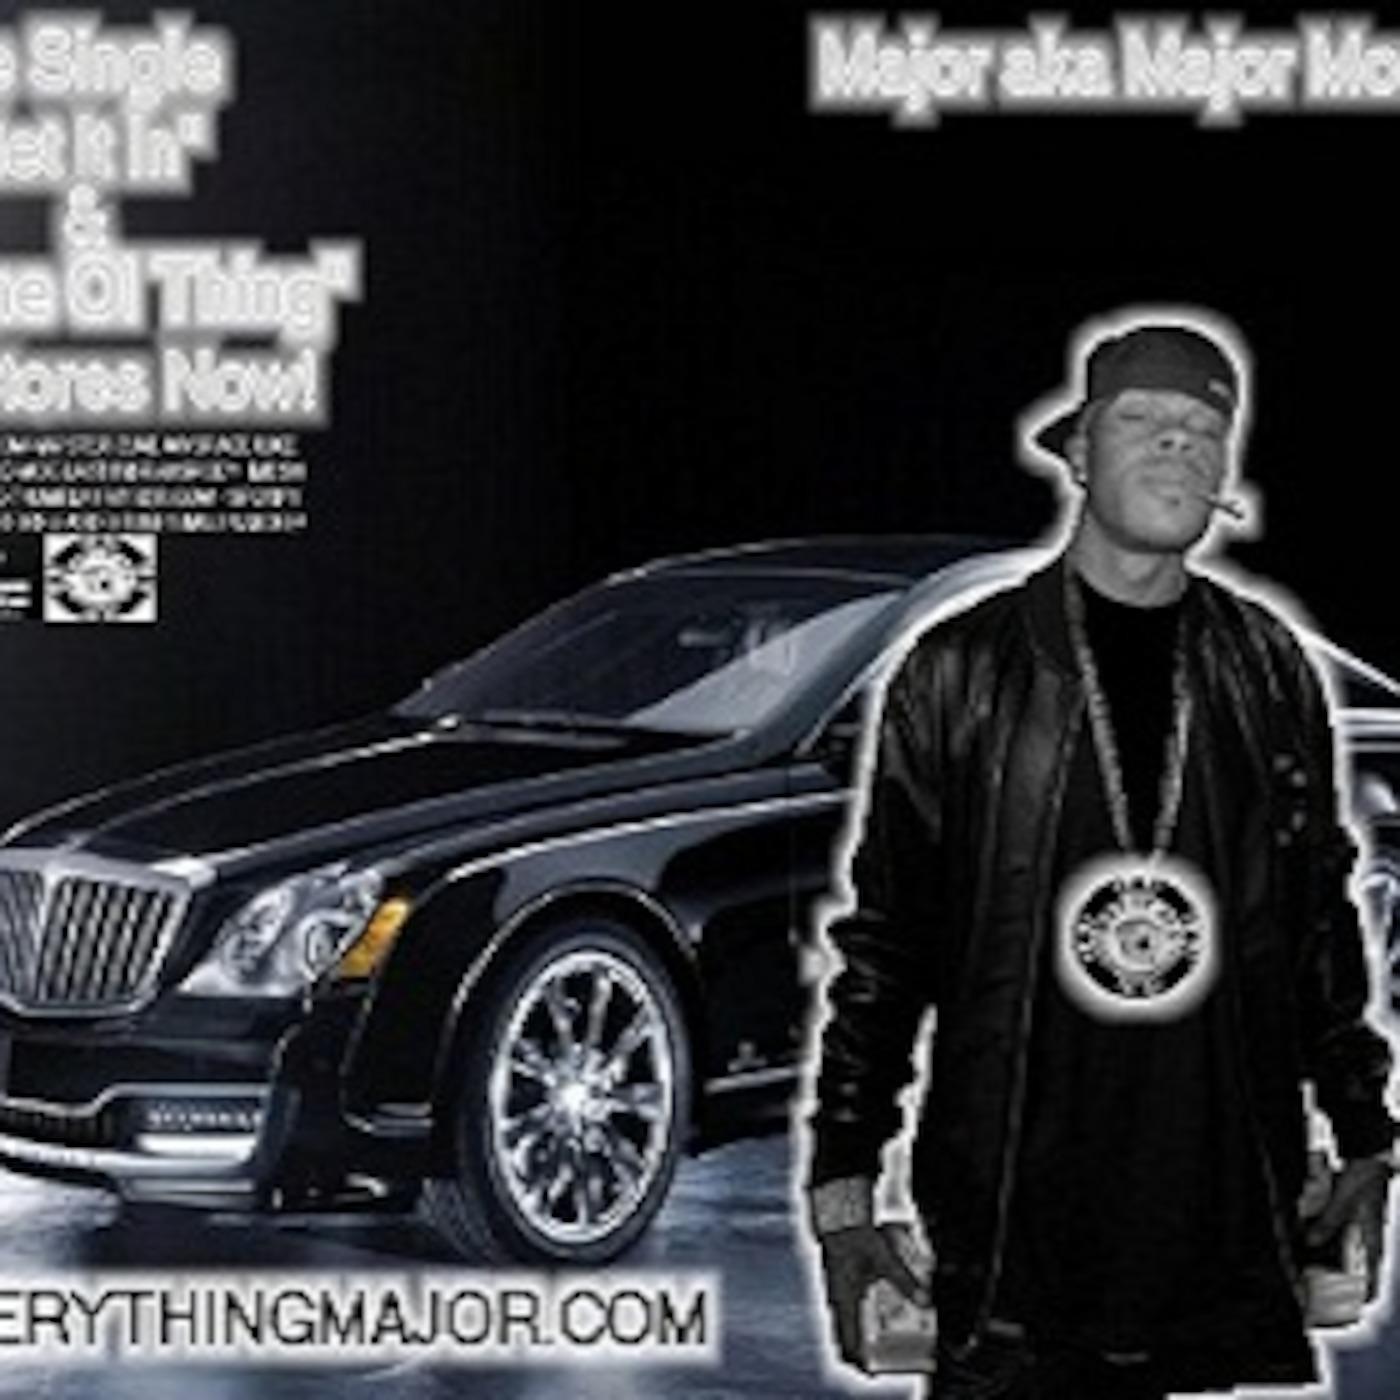 Major aka Major Money's Podcast